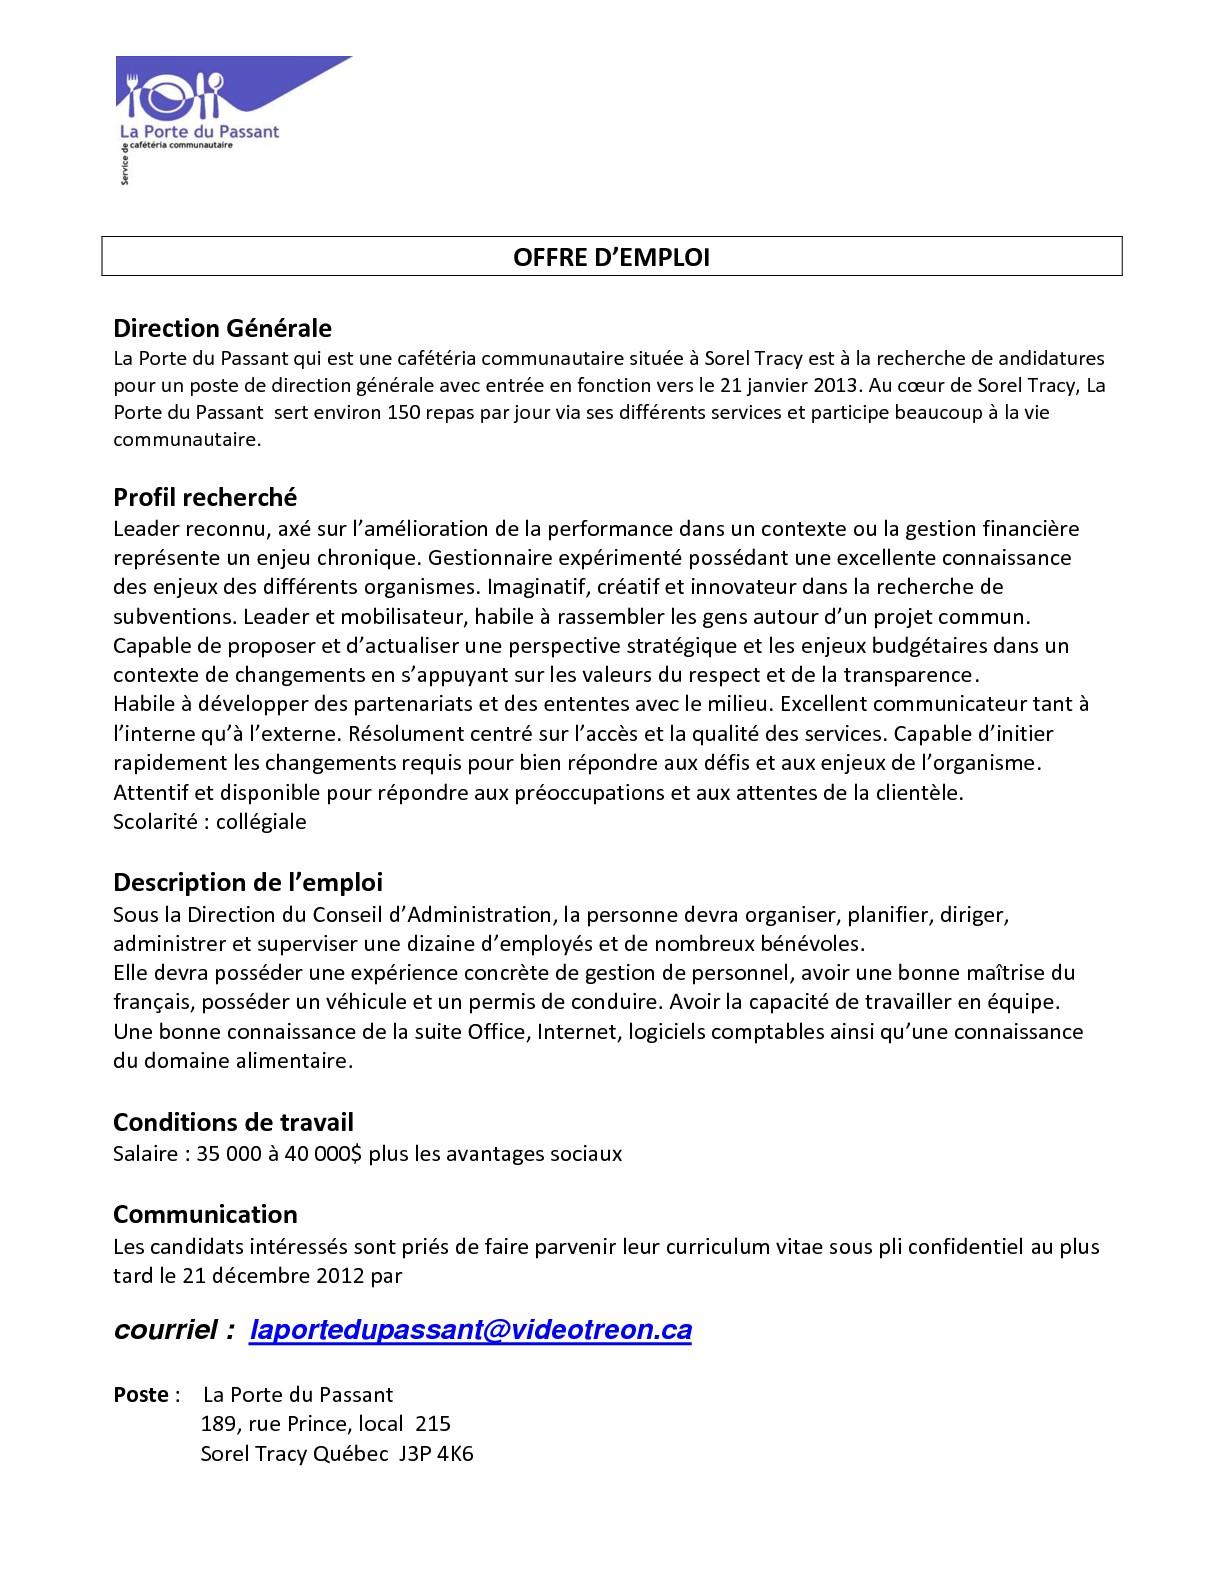 La cdc ici montmagny l 39 islet offre d 39 emploi la porte du passant - Offre d emploi pret a porter paris ...